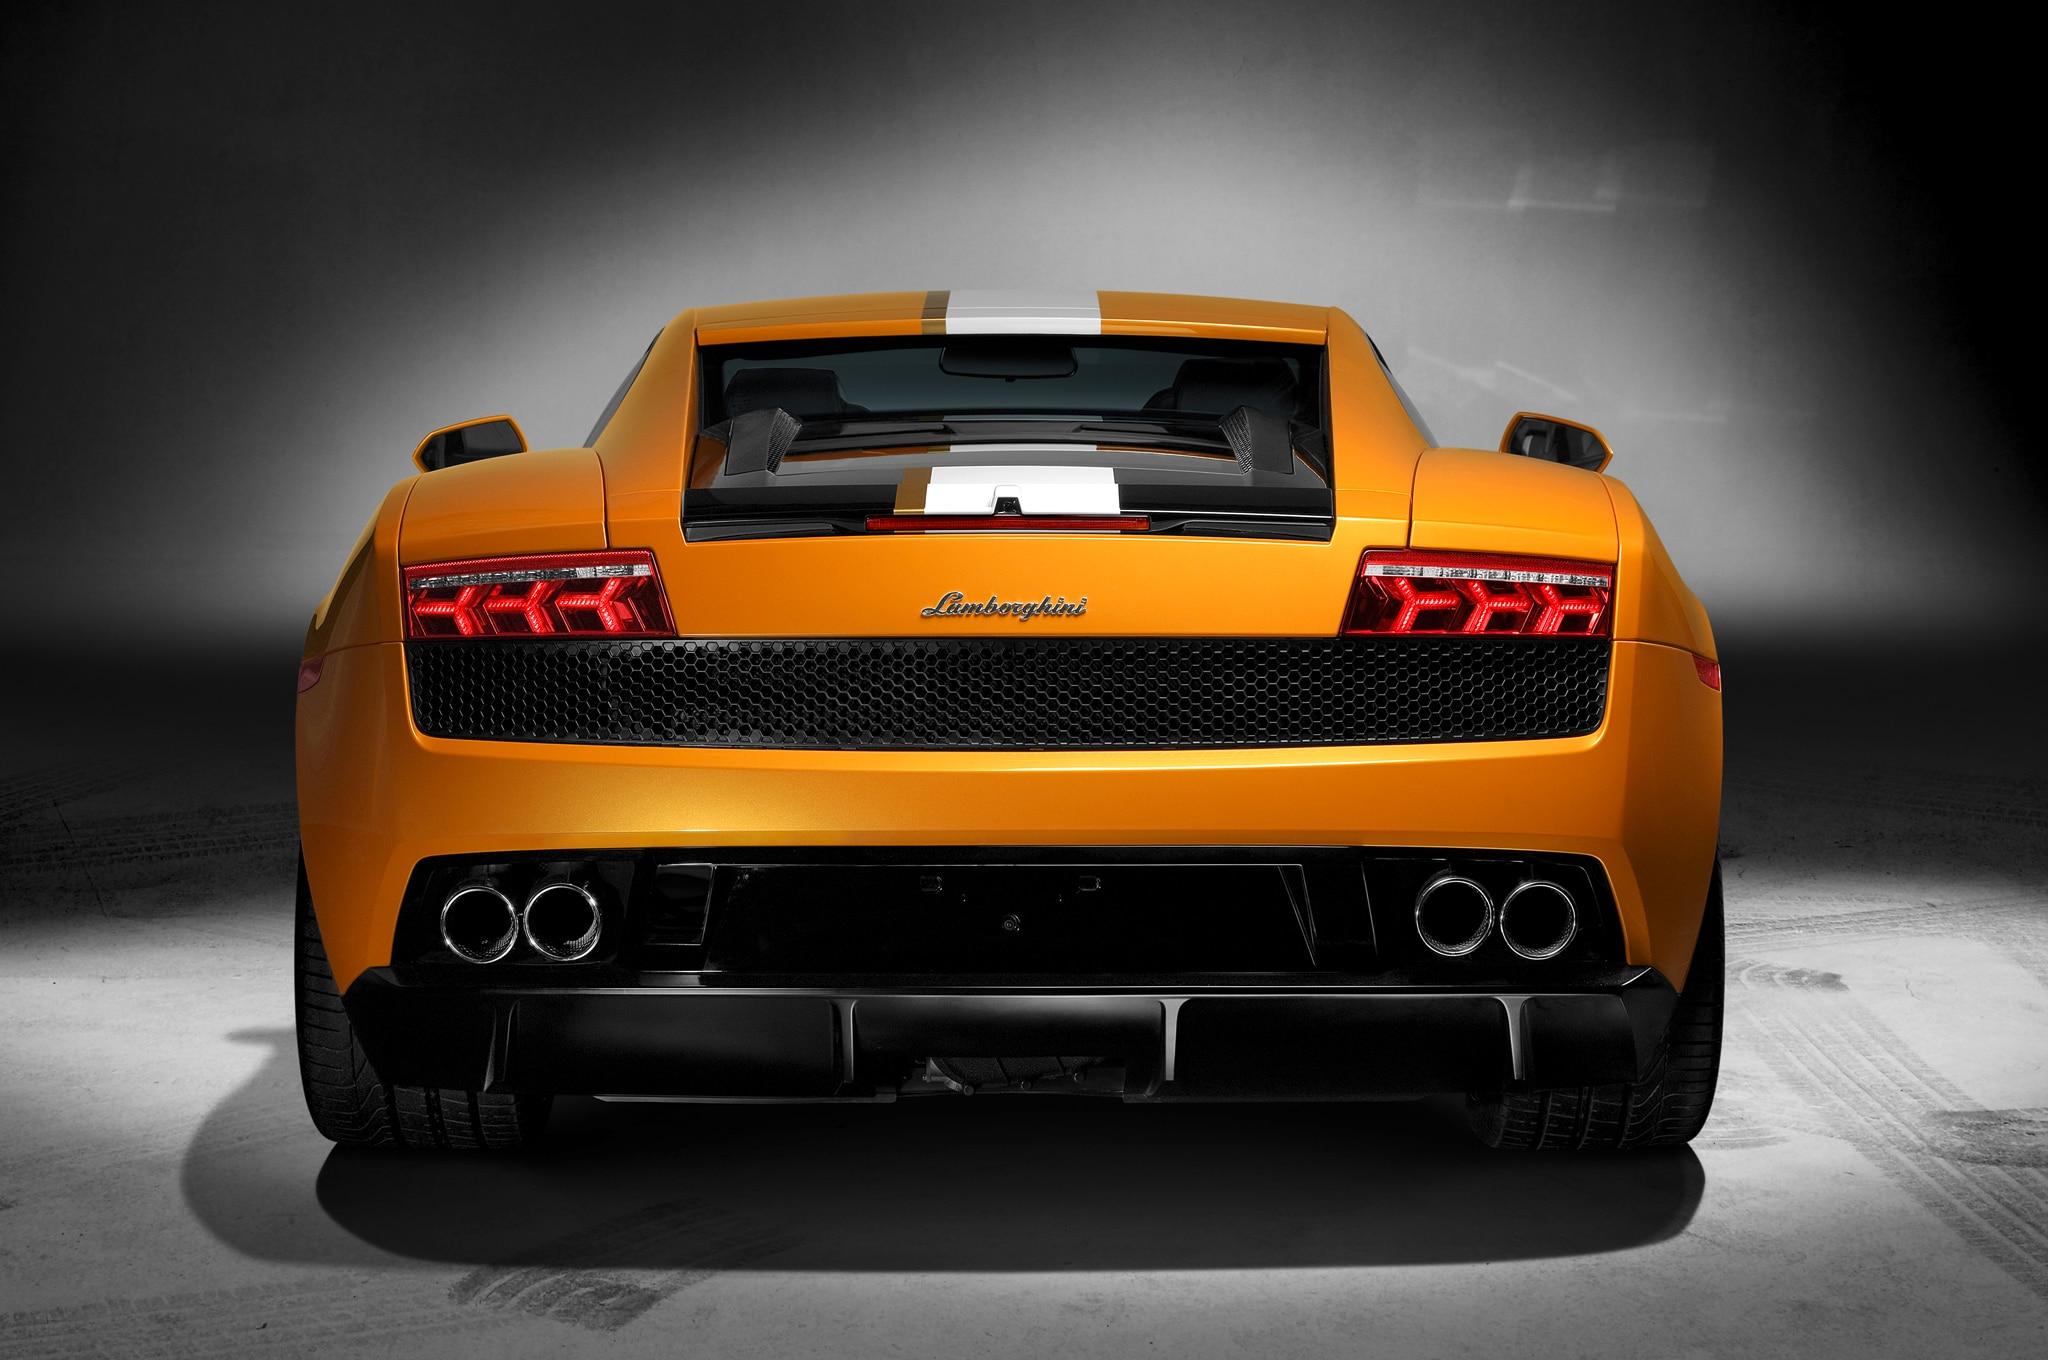 Lamborghini Gallardo Lp 570 4 Squadra Corse Is Track Ready